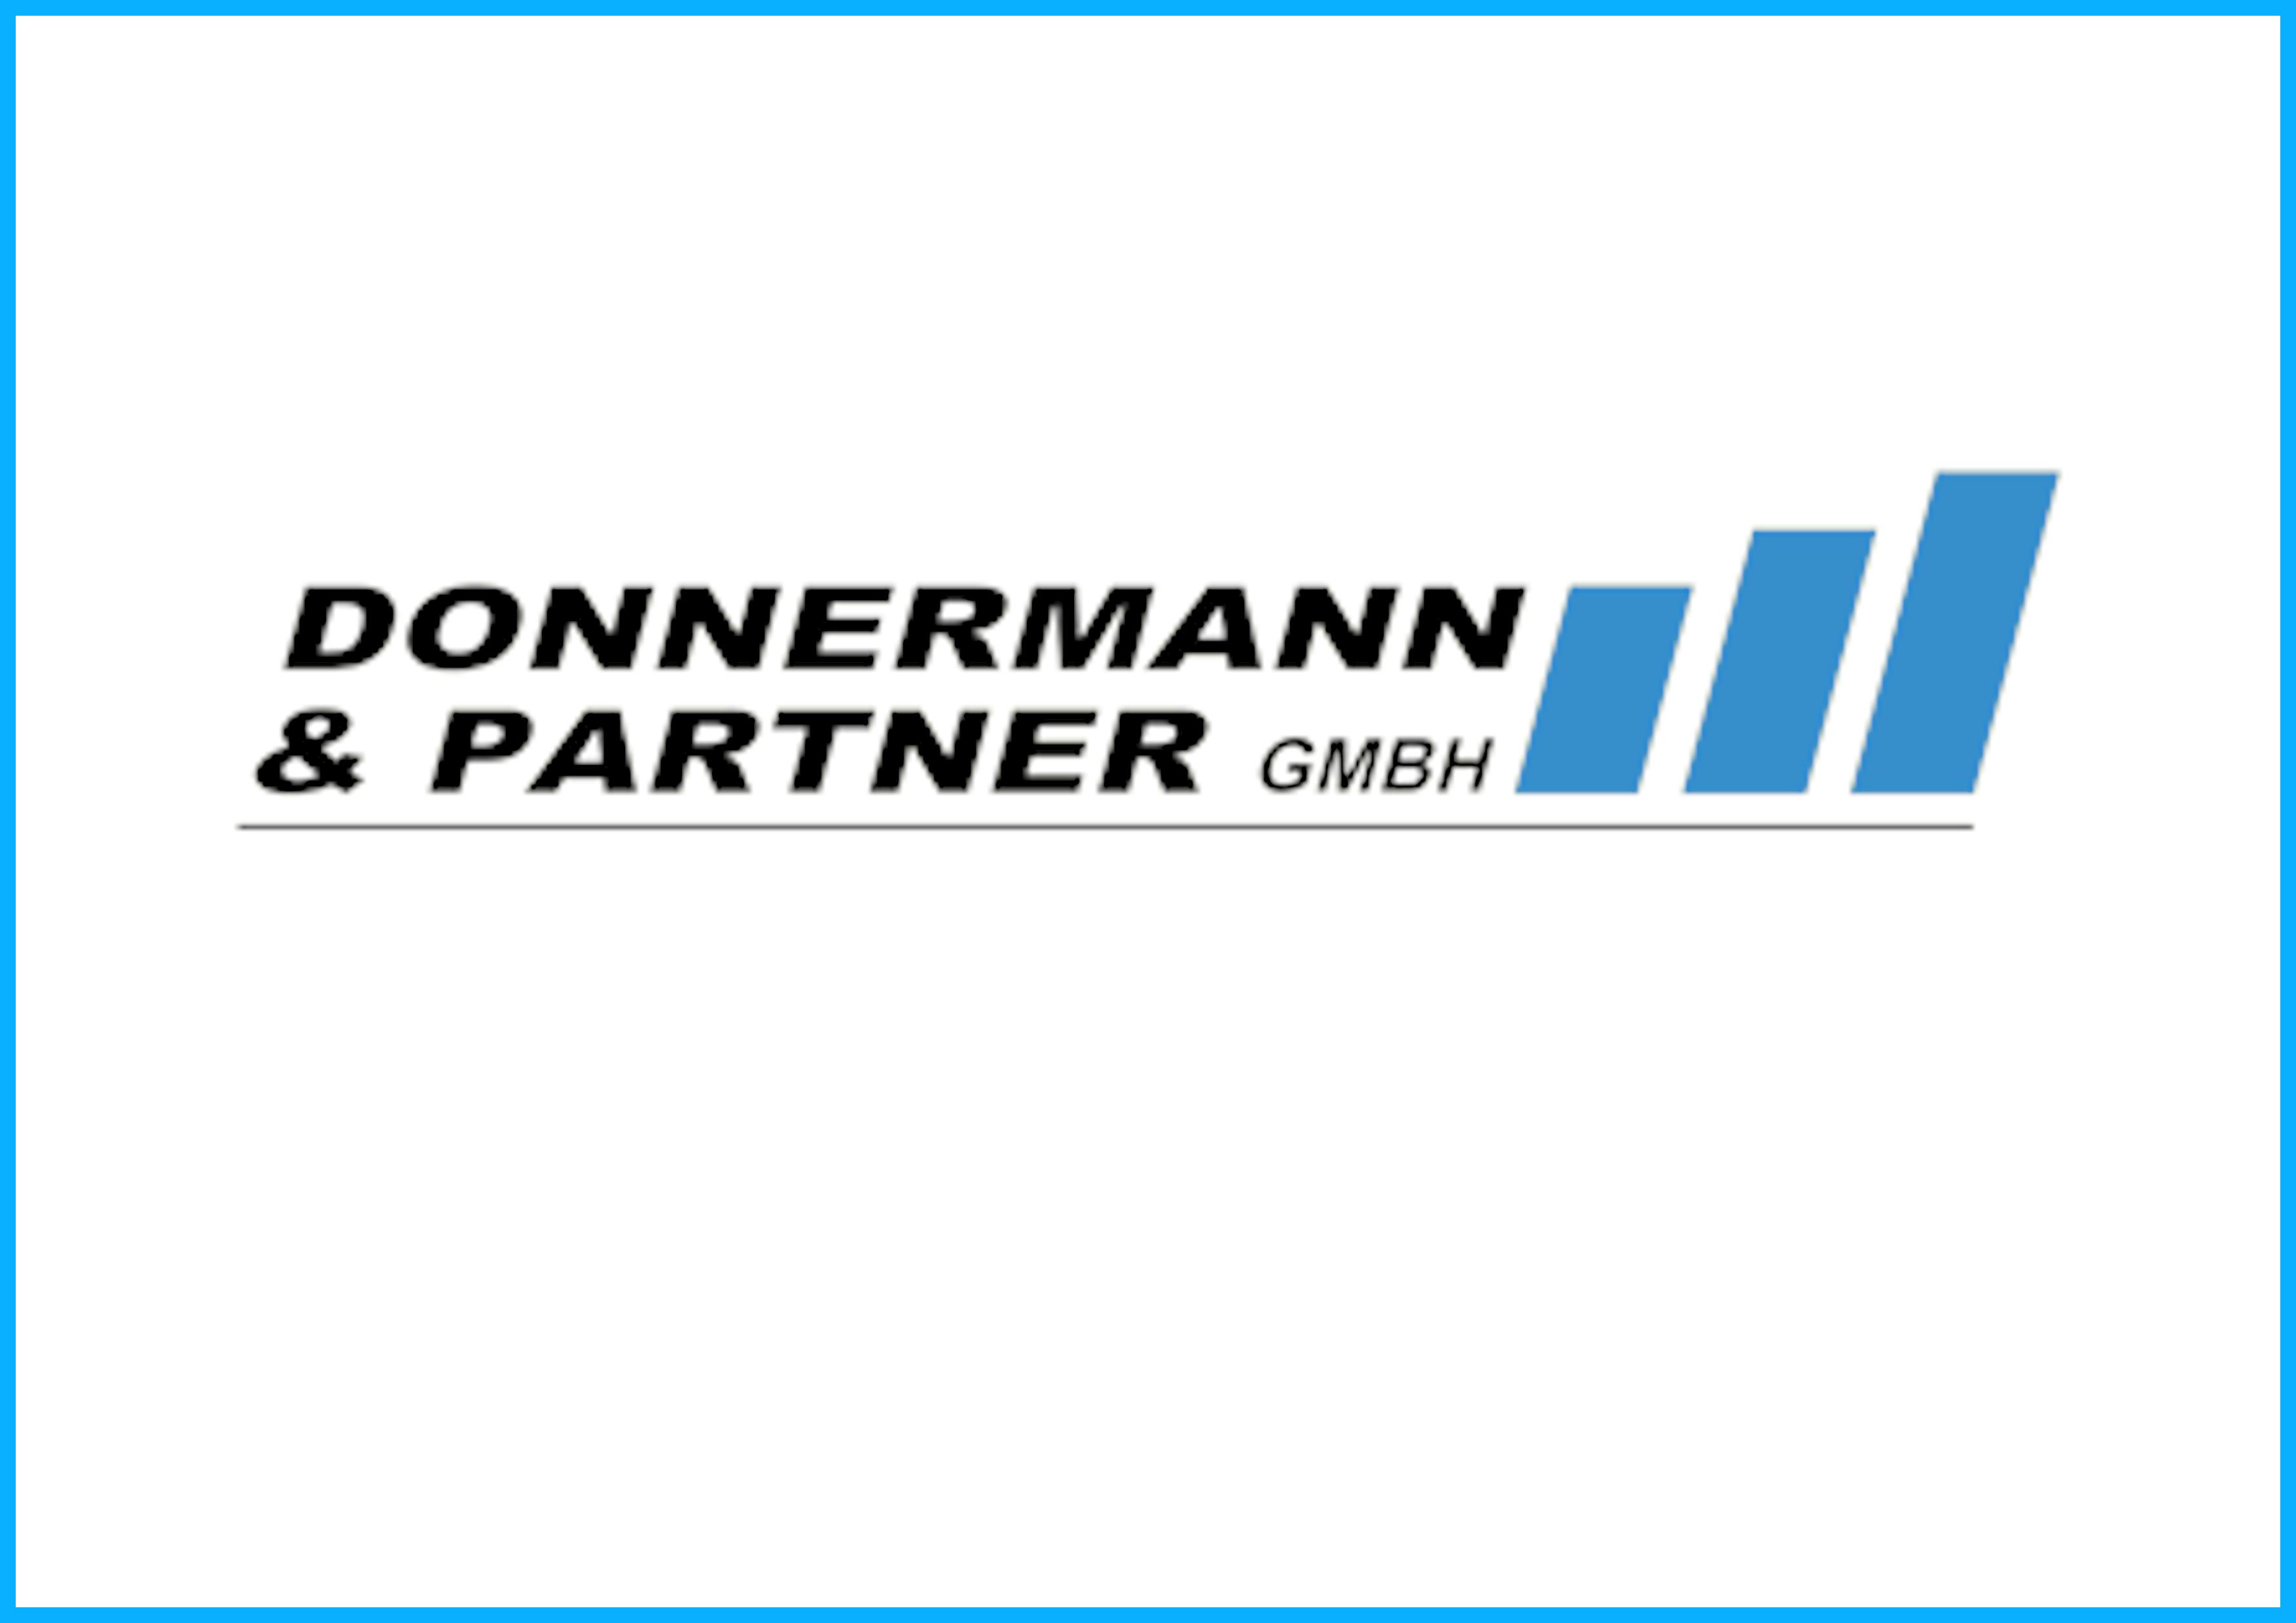 LOGO Donnermann und Partner GmbH